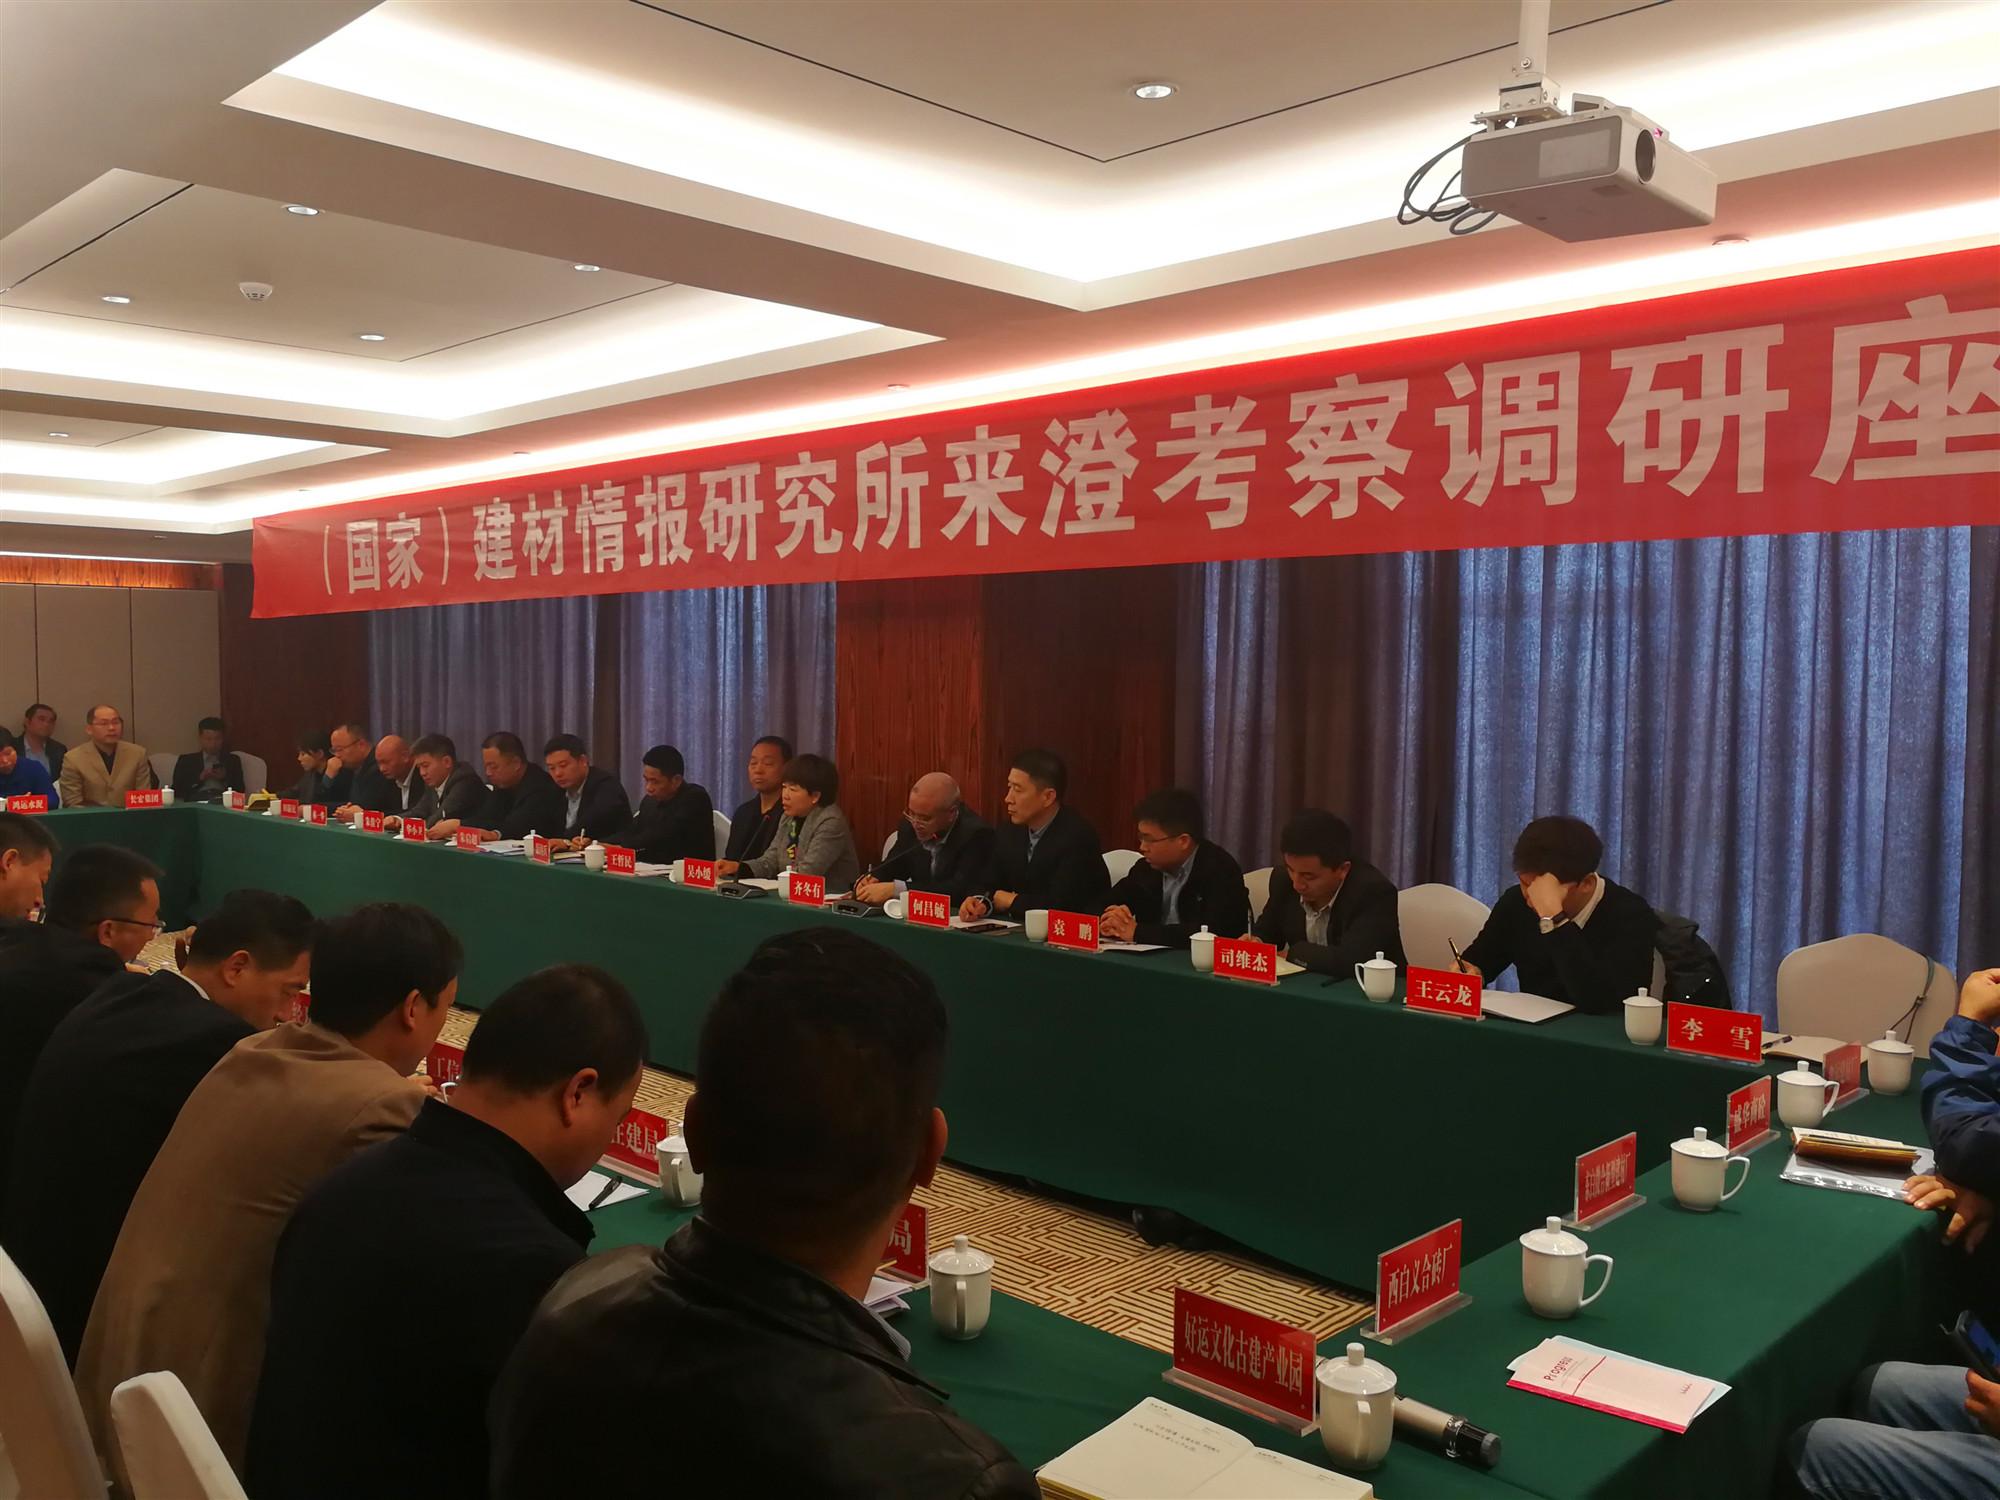 (国家)建筑材料工业技术情报研究所考察团一行与澄城县政府交流座谈